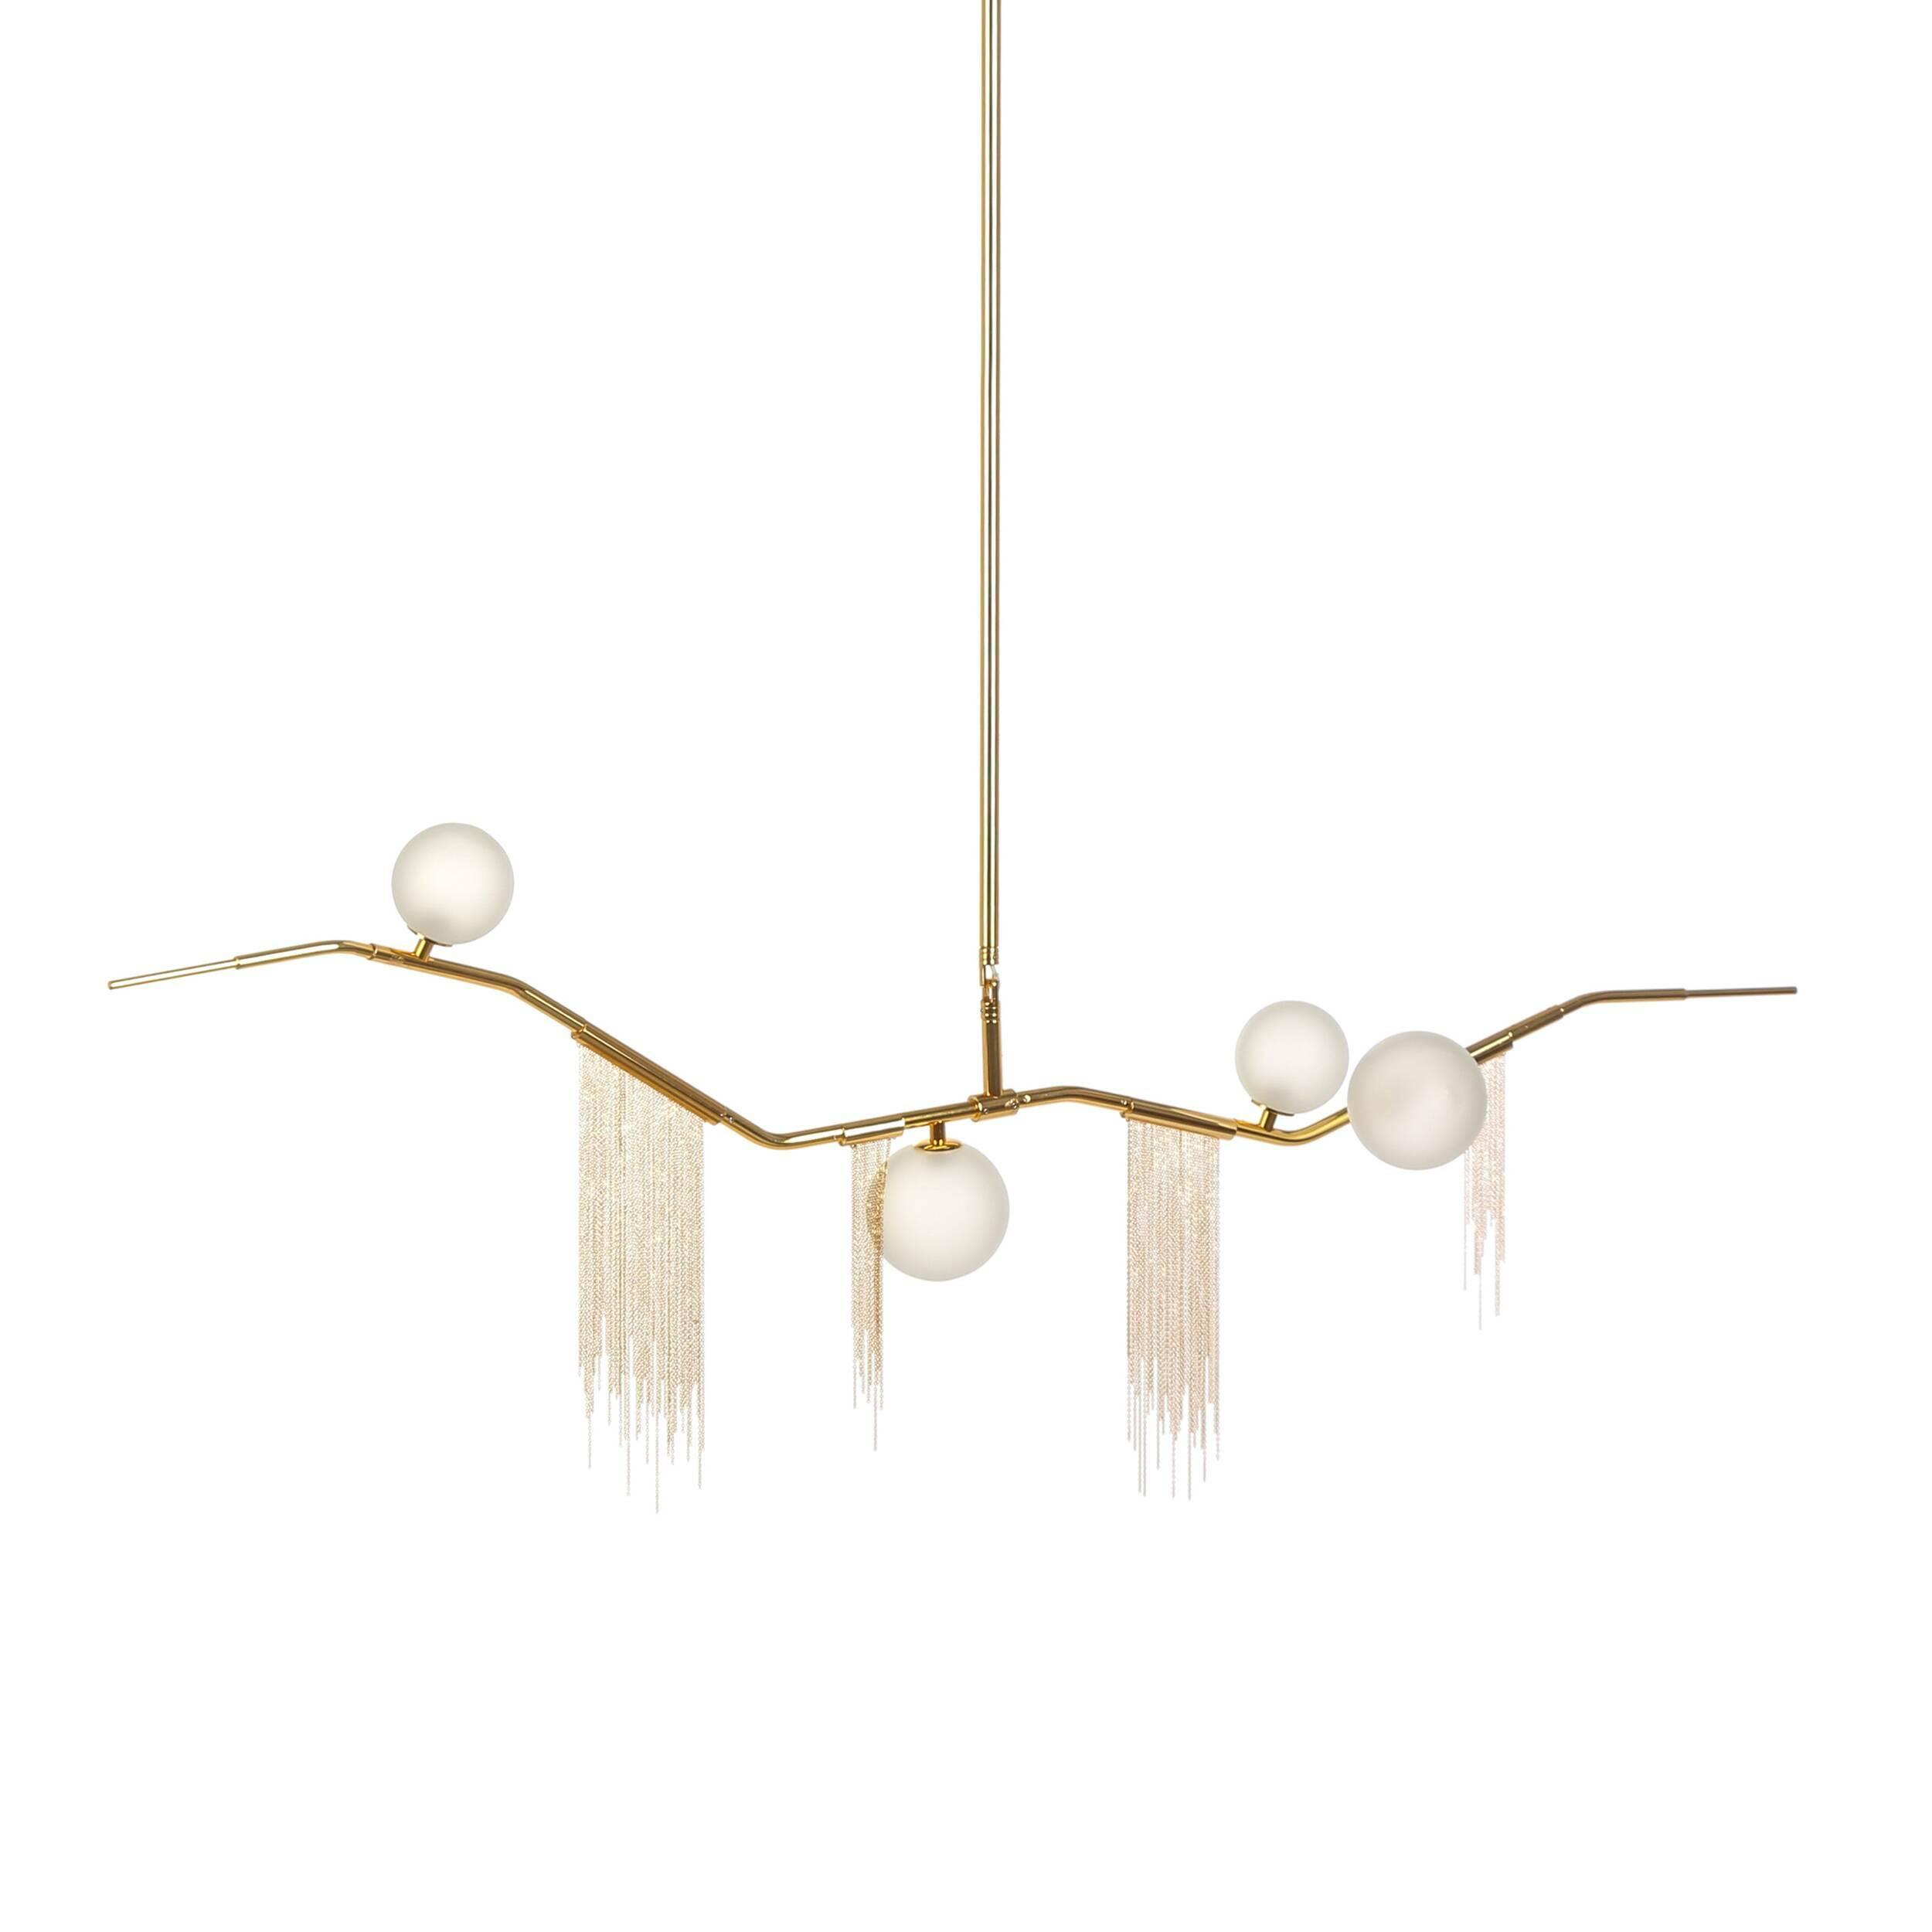 Подвесной светильник LianaПодвесные<br>Такие интерьерные стили, как ар-деко или модерн, привлекают изысканным вкусом и элегантной цветовой гаммой. Дизайнерский подвесной светильник Liana (Лиана) выполнен именно в таком формате и представляет собой красивую кривую, на которой дизайнер особым образом расположил лампы и декоративные элементы.<br><br><br> Модель не только красива, но и обладает высокой степенью прочности и надежности, такие качества ей придает сочетание стали и алюминия. Светильник устойчив к износу и долговечен.<br><br><br>...<br><br>stock: 0<br>Высота: 51<br>Ширина: 20<br>Длина: 140<br>Количество ламп: 4<br>Материал абажура: Стекло<br>Материал арматуры: Сталь, Алюминий<br>Мощность лампы: 3<br>Тип лампы/цоколь: G4<br>Цвет абажура: Белый<br>Цвет арматуры: Золотой